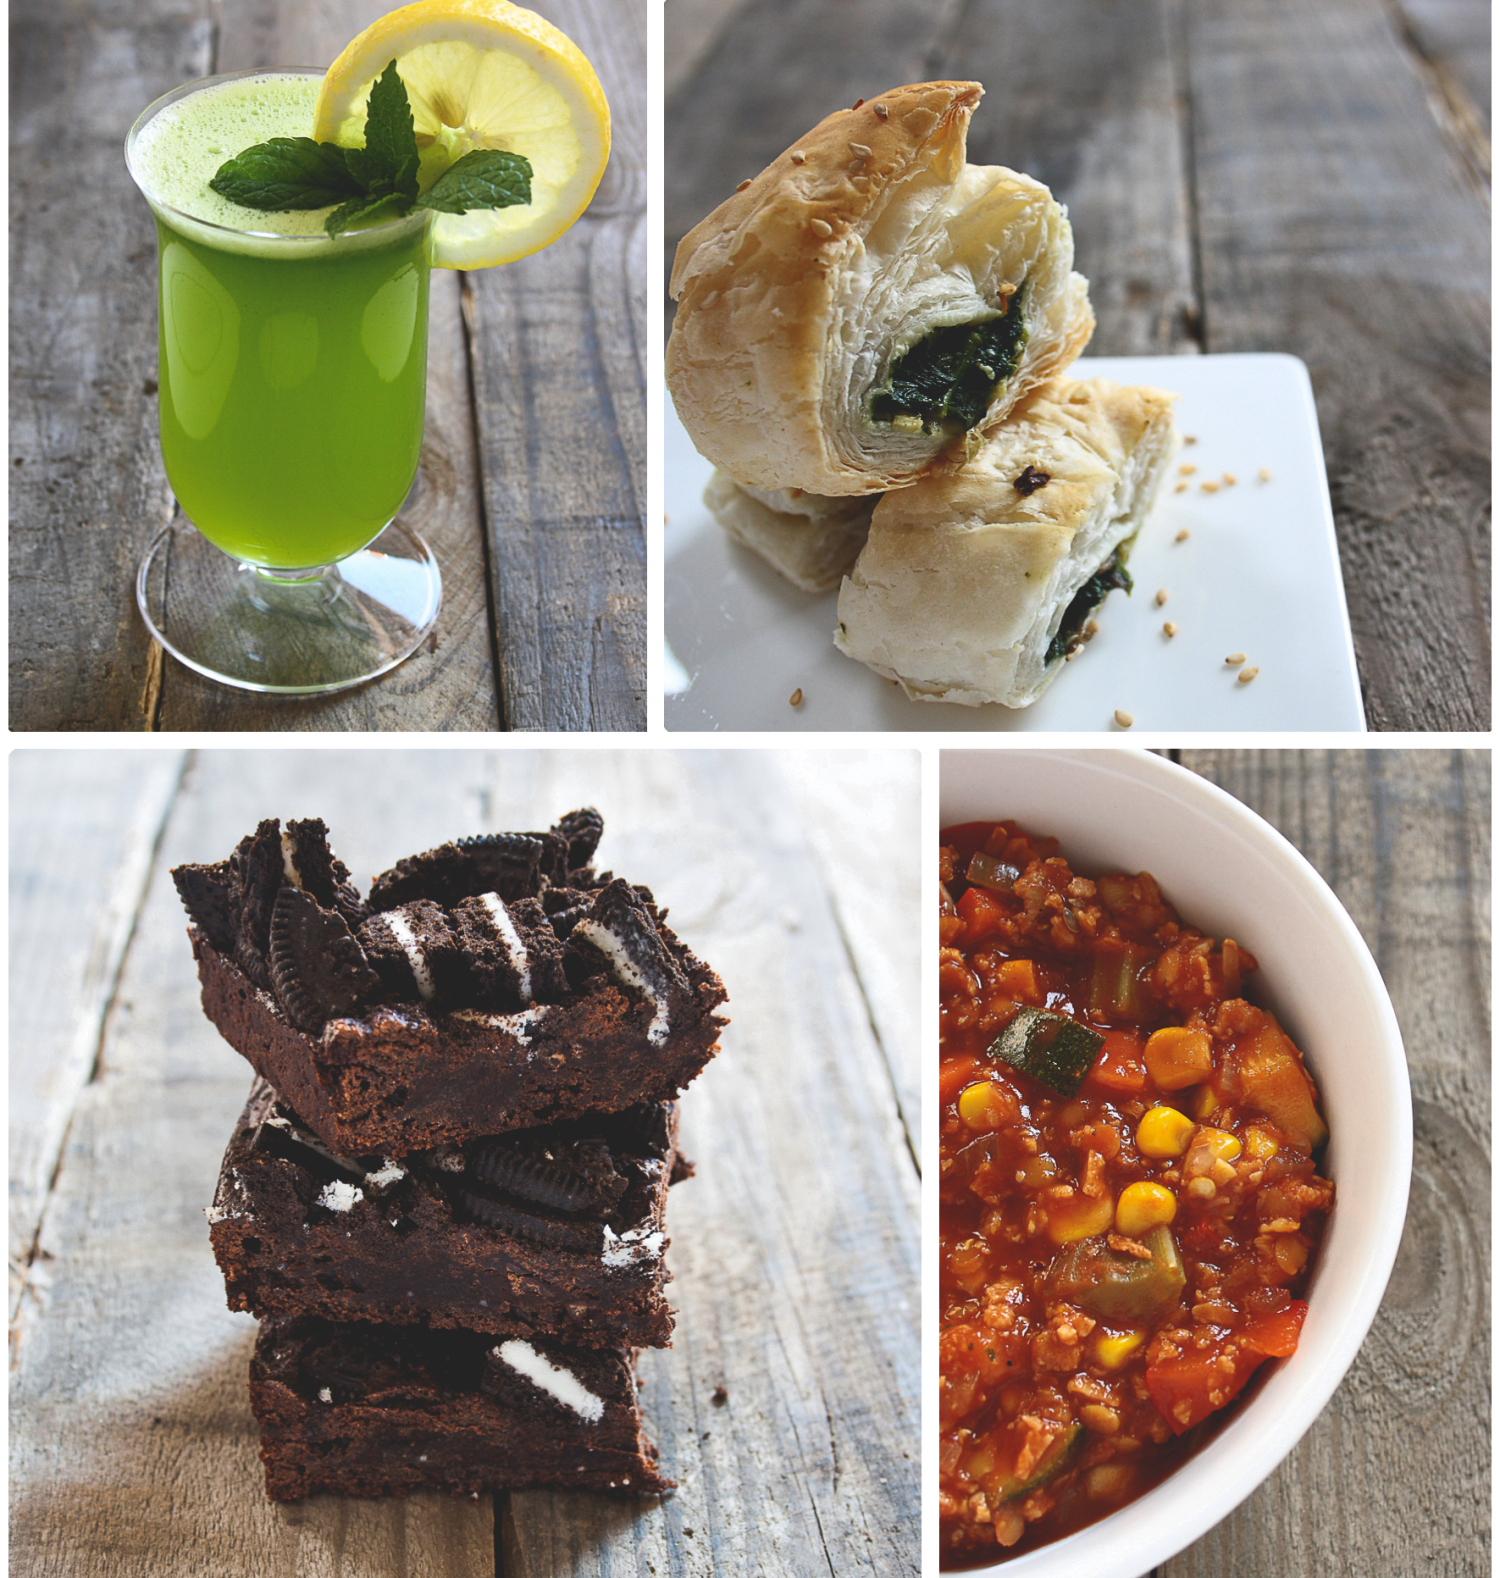 veganes zu Silvester - ein paar Vorschläge zu Fingerfood, Salaten und mehr